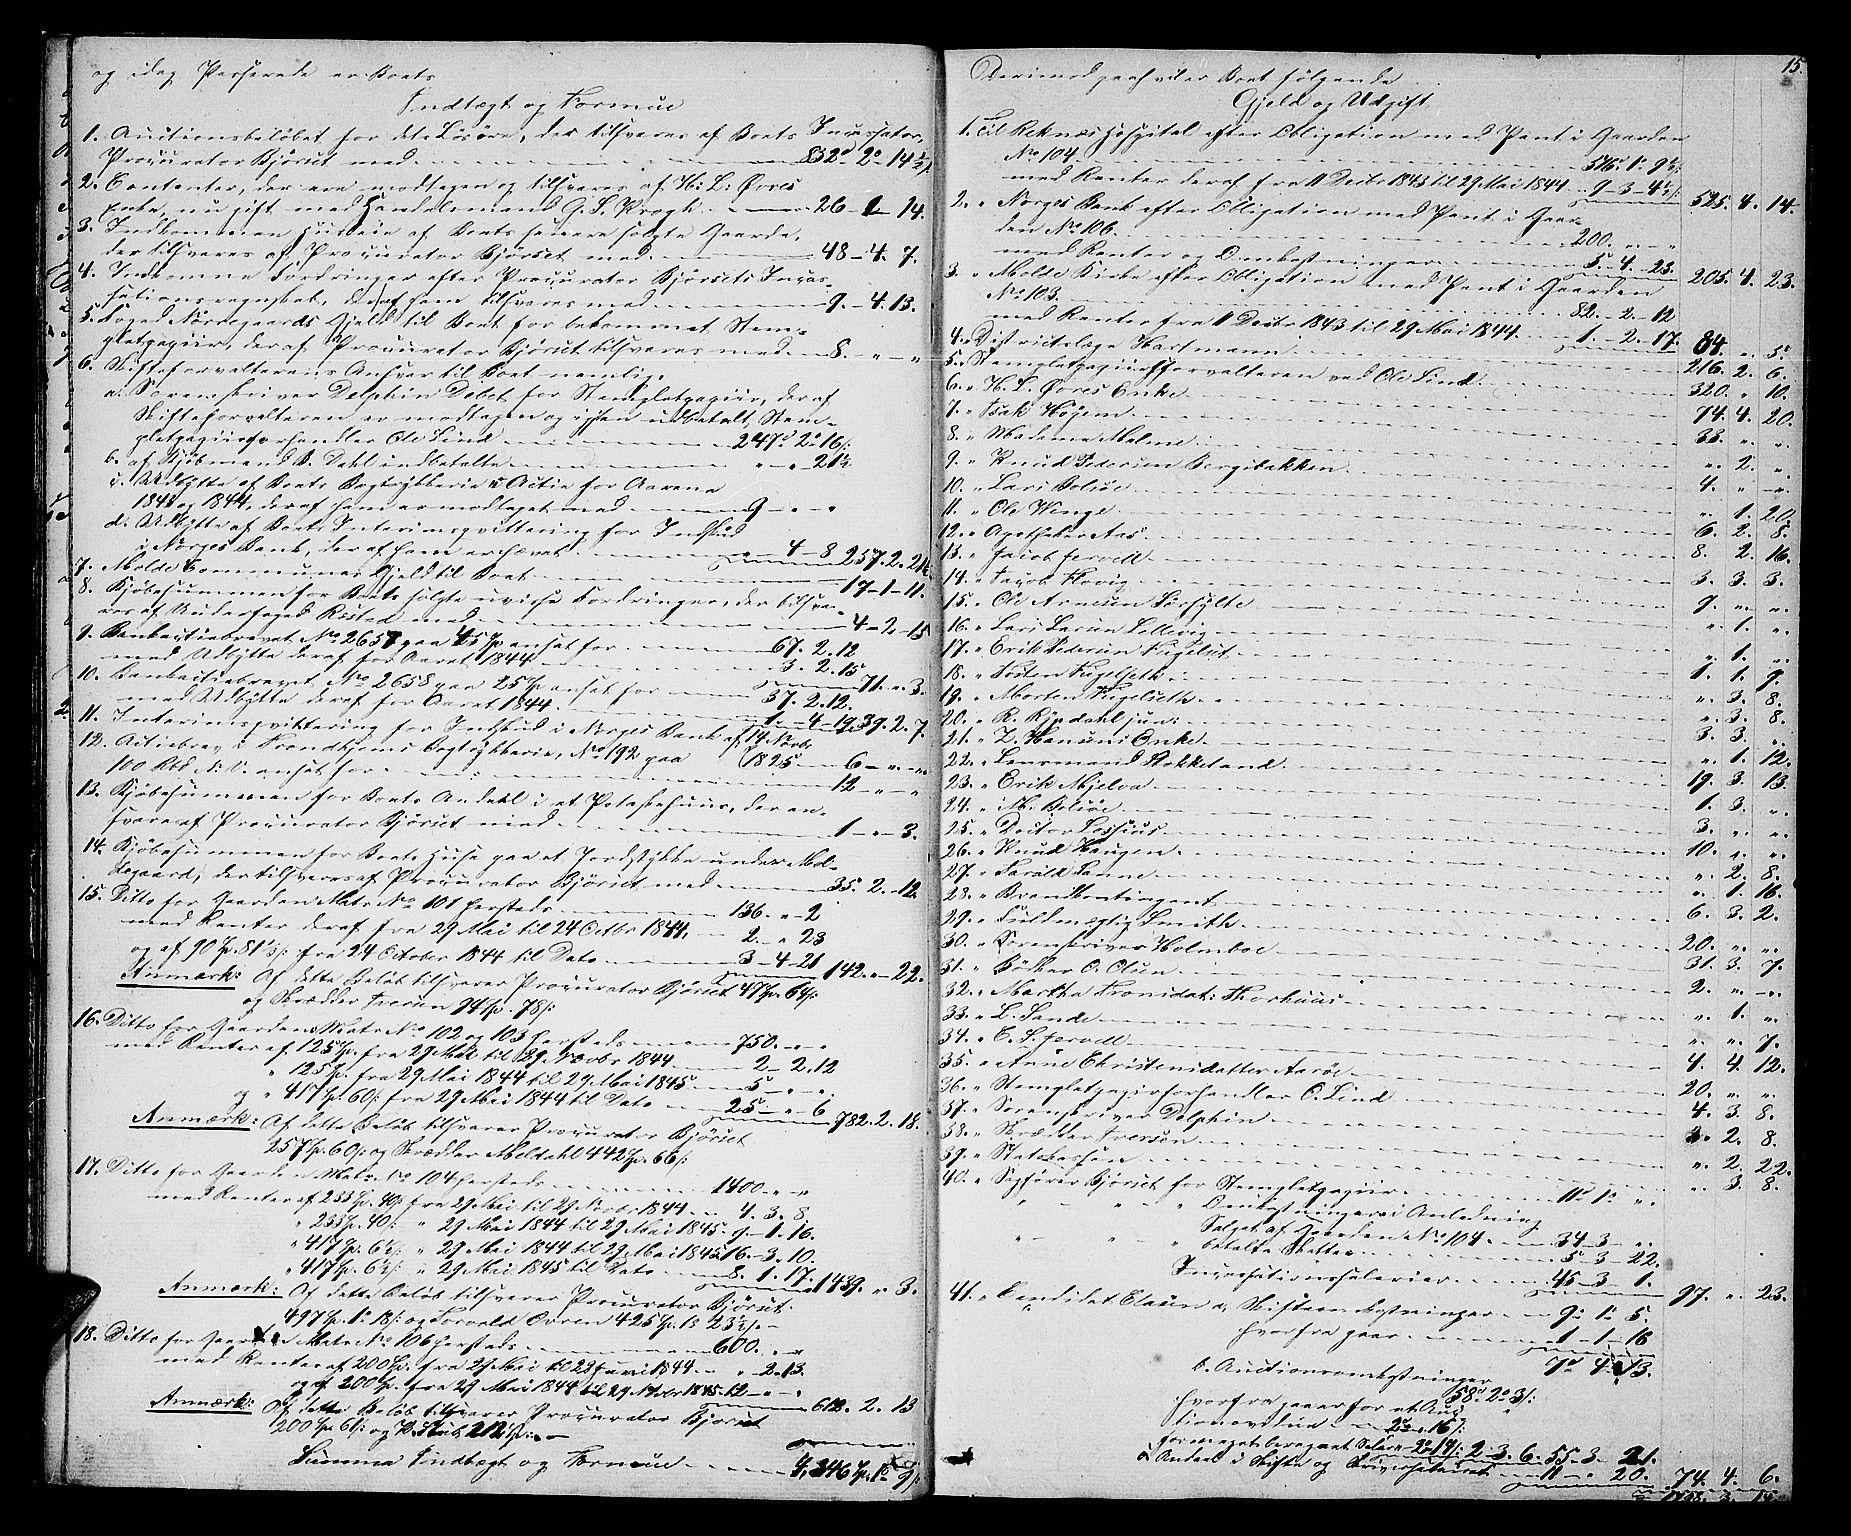 SAT, Molde byfogd, 3/3Ab/L0001: Skifteutlodningsprotokoll, 1842-1867, p. 15